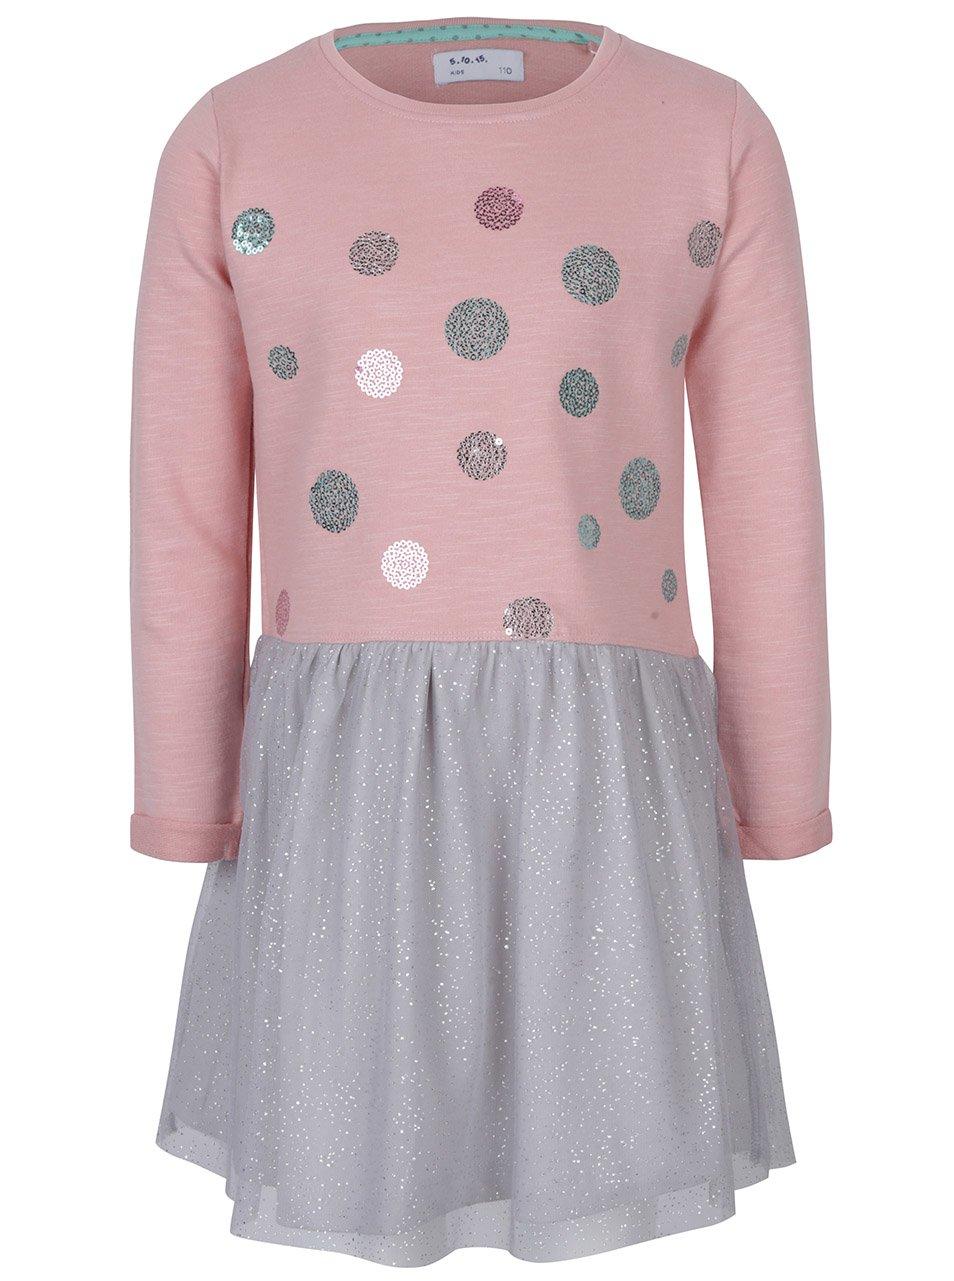 Šedo-růžové holčičí šaty s flitrovými detaily a třpytivým zdobením 5.10.15.